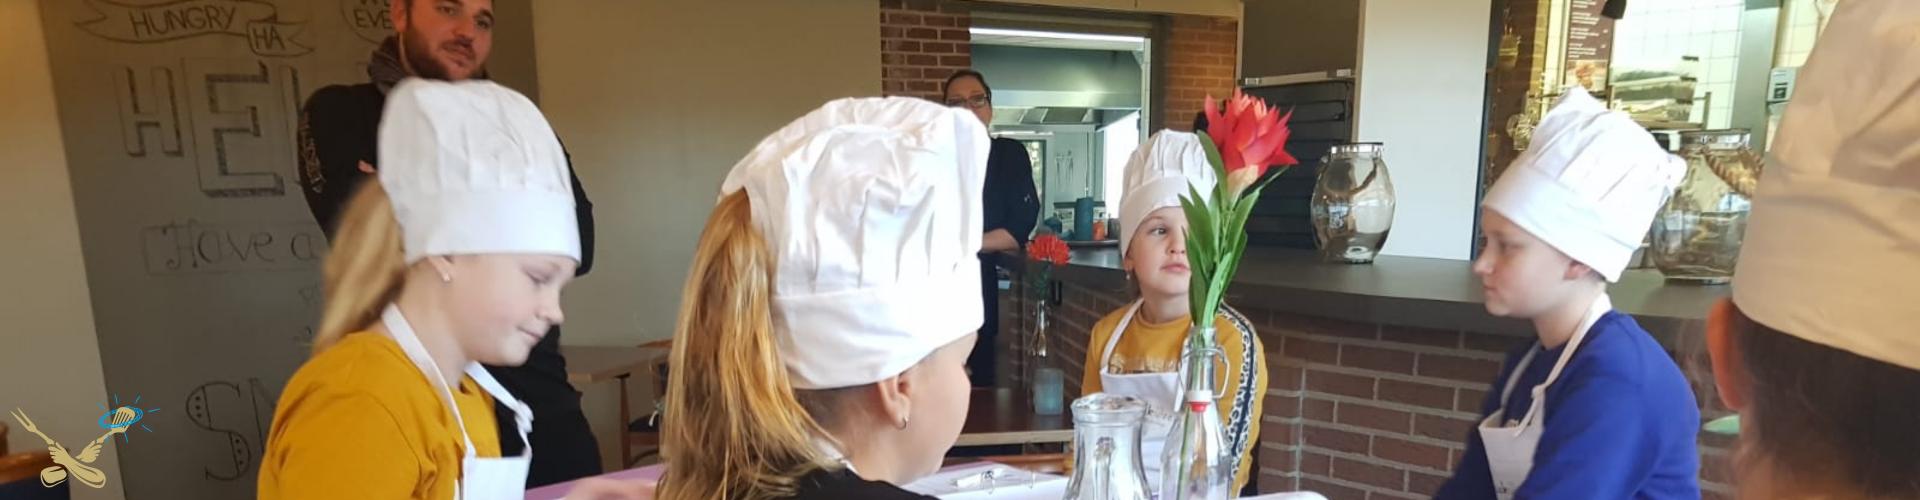 Kids Kookcollege Koken maart 2021